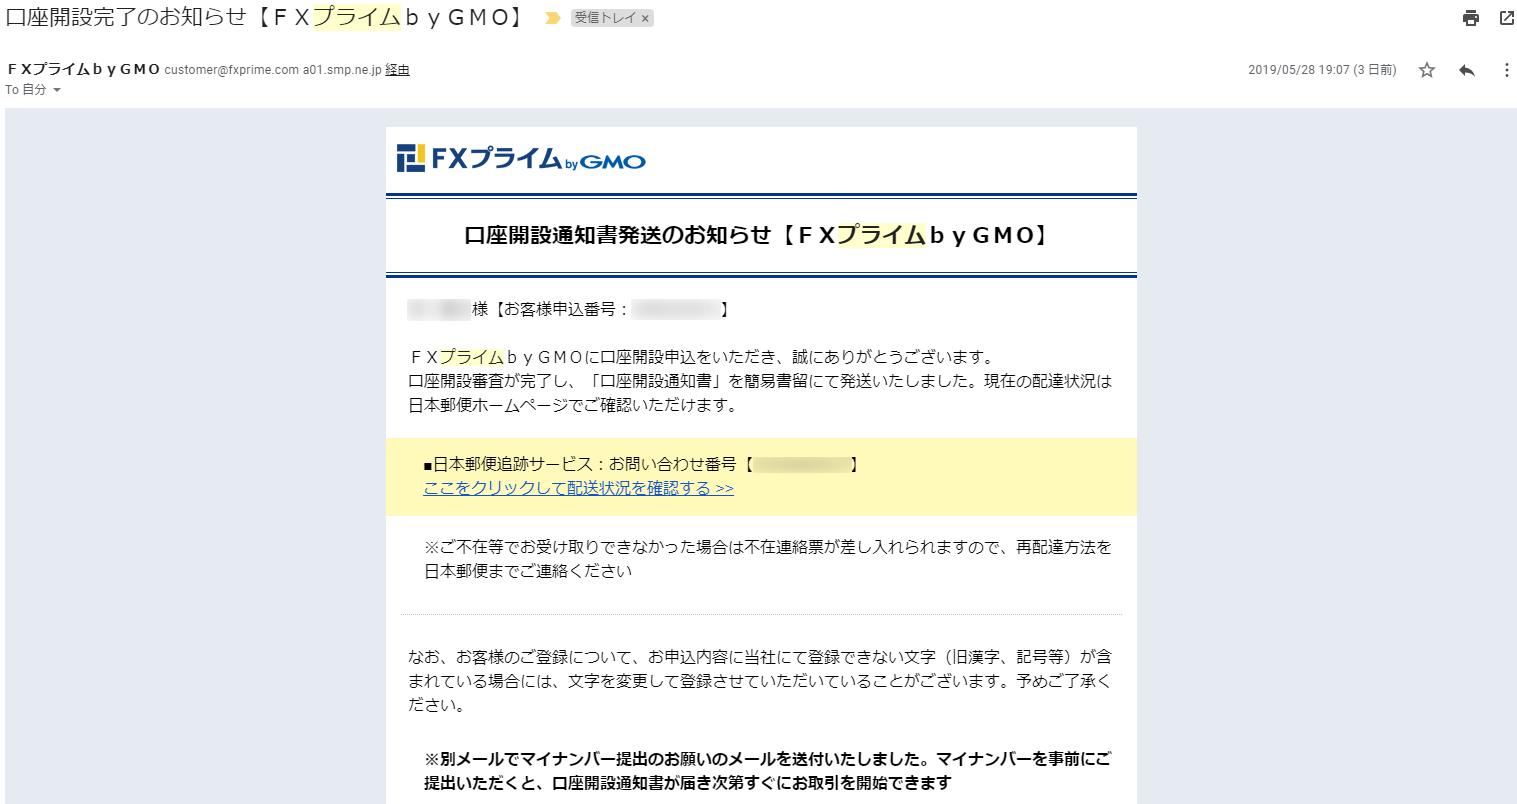 FXプライム by GMO口座開設完了